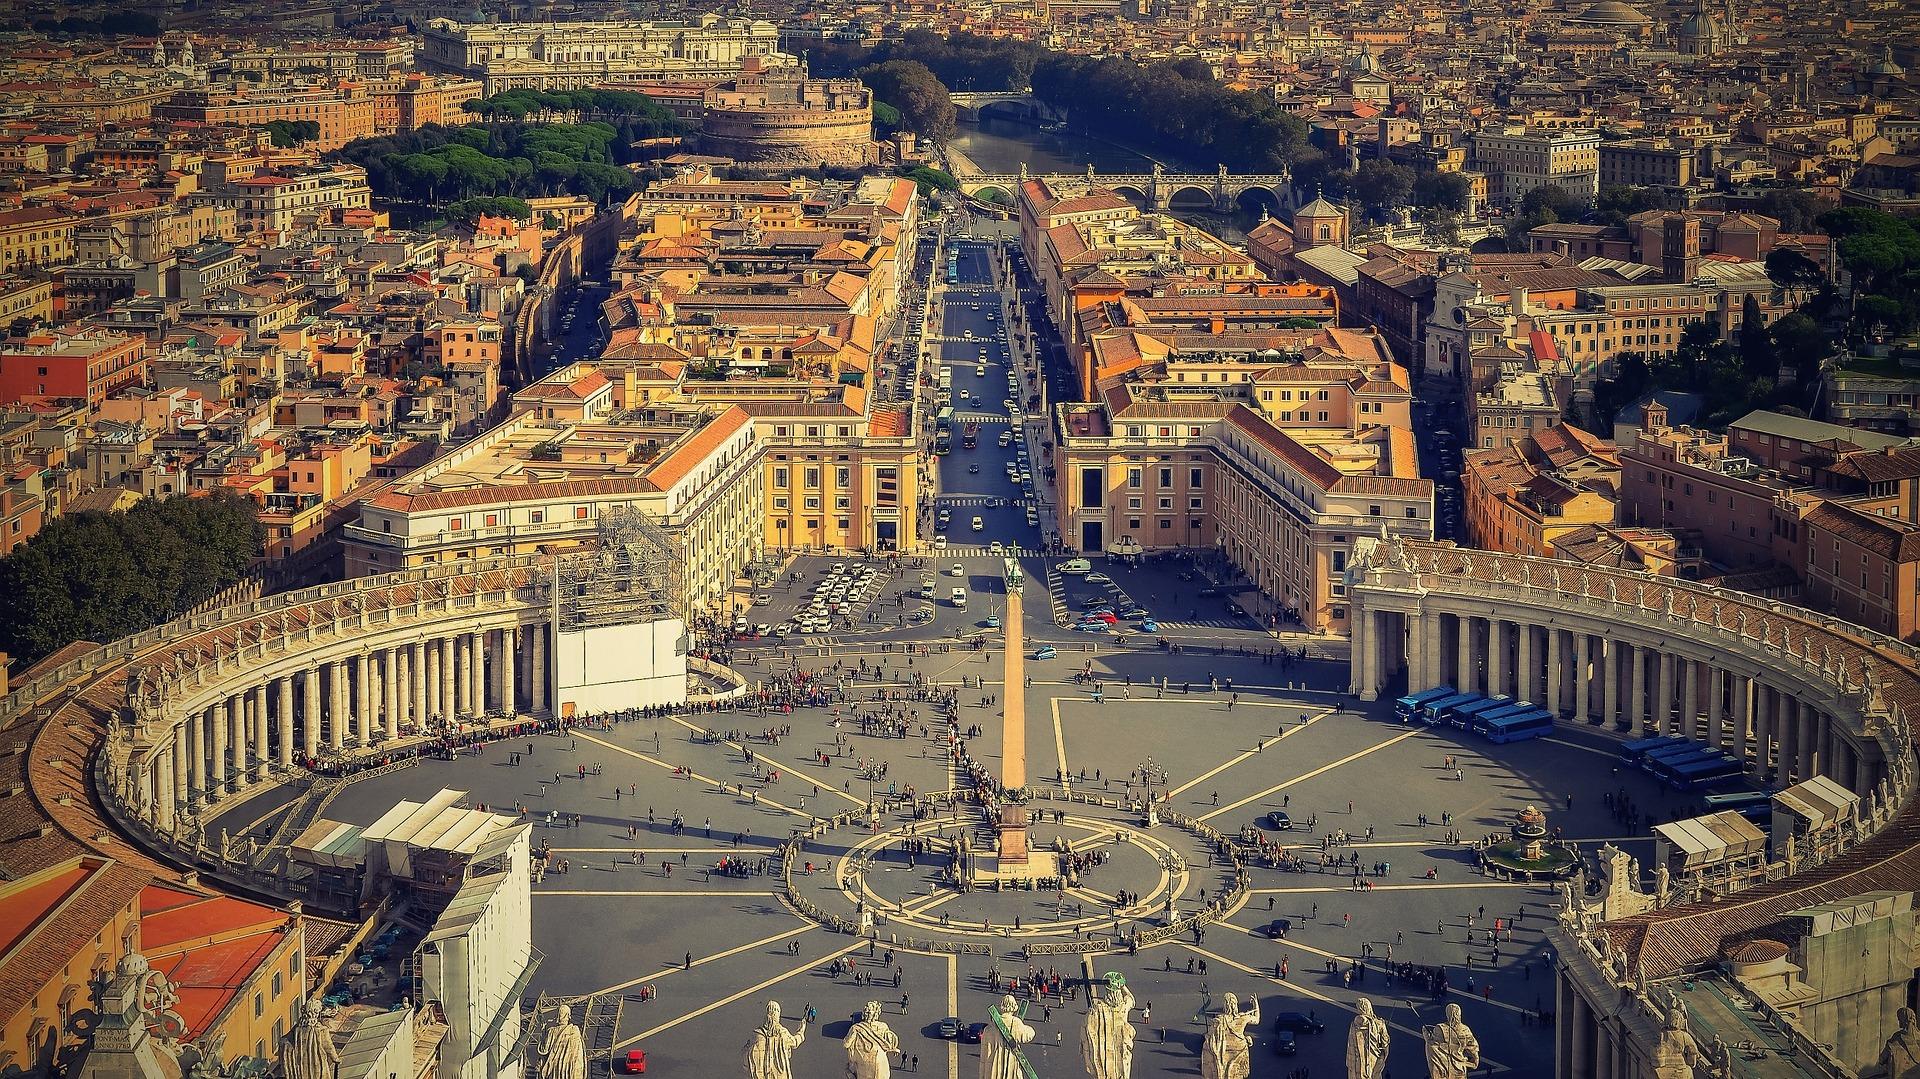 Sistine Chapel. View of the Piazza di San Pietro, Rome